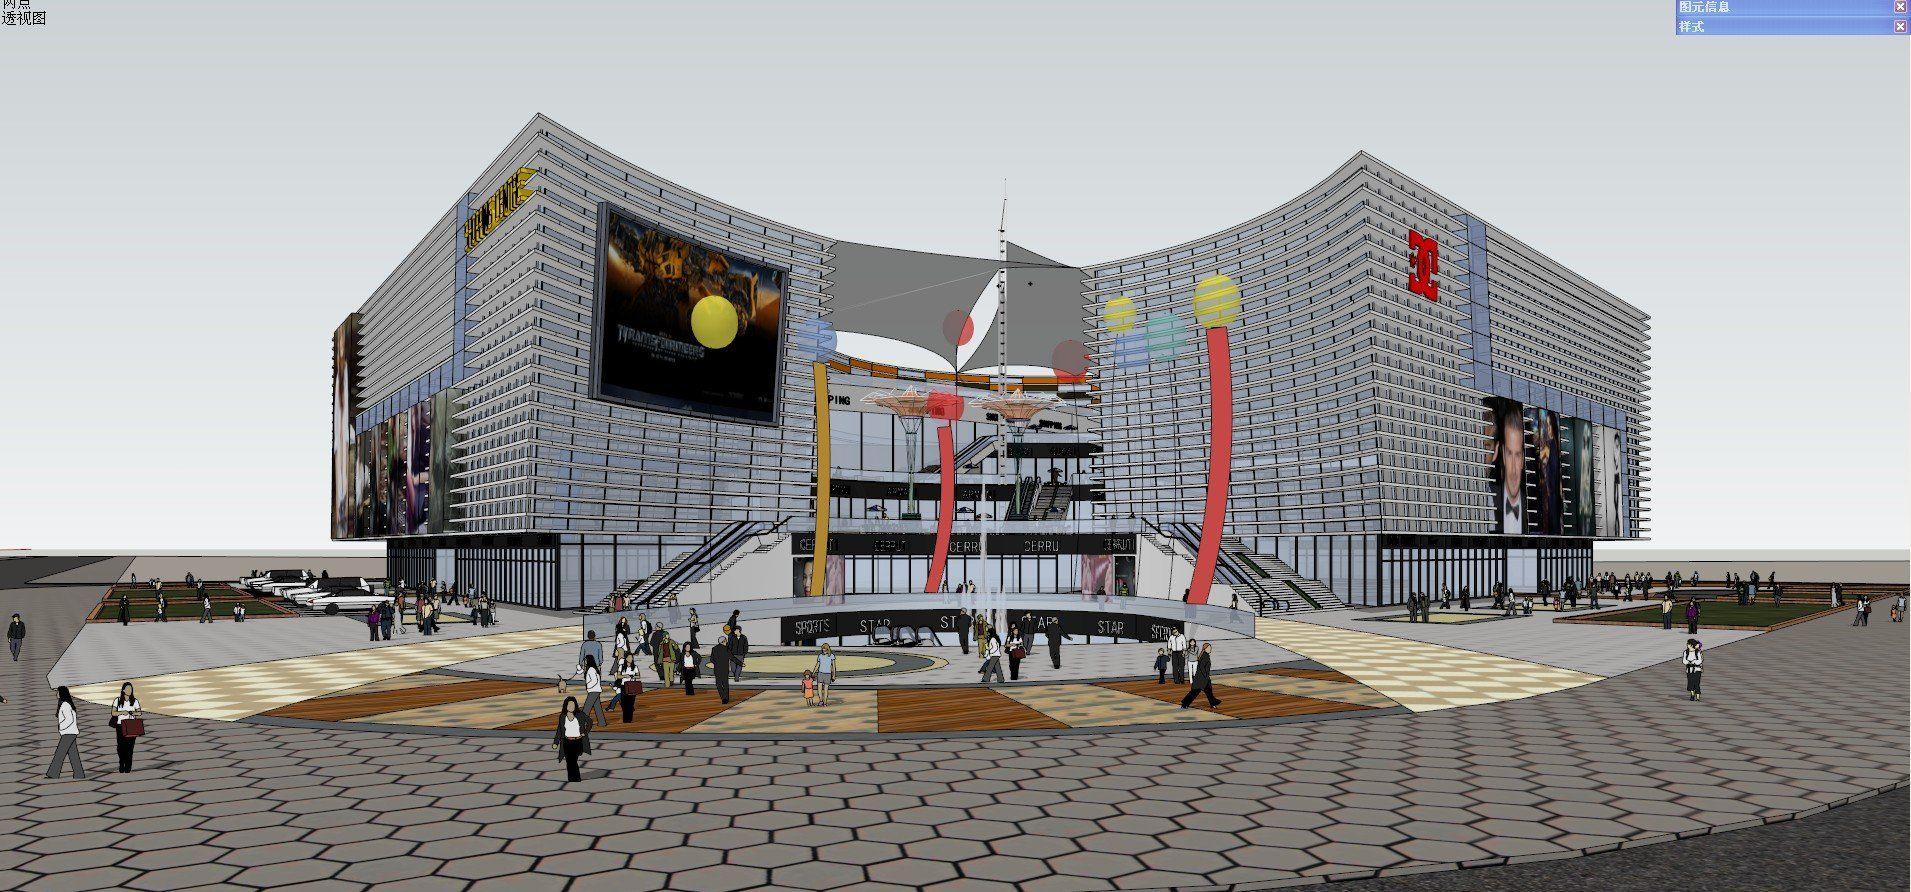 ★Sketchup 3D ModelsBusiness Building Sketchup Models 9